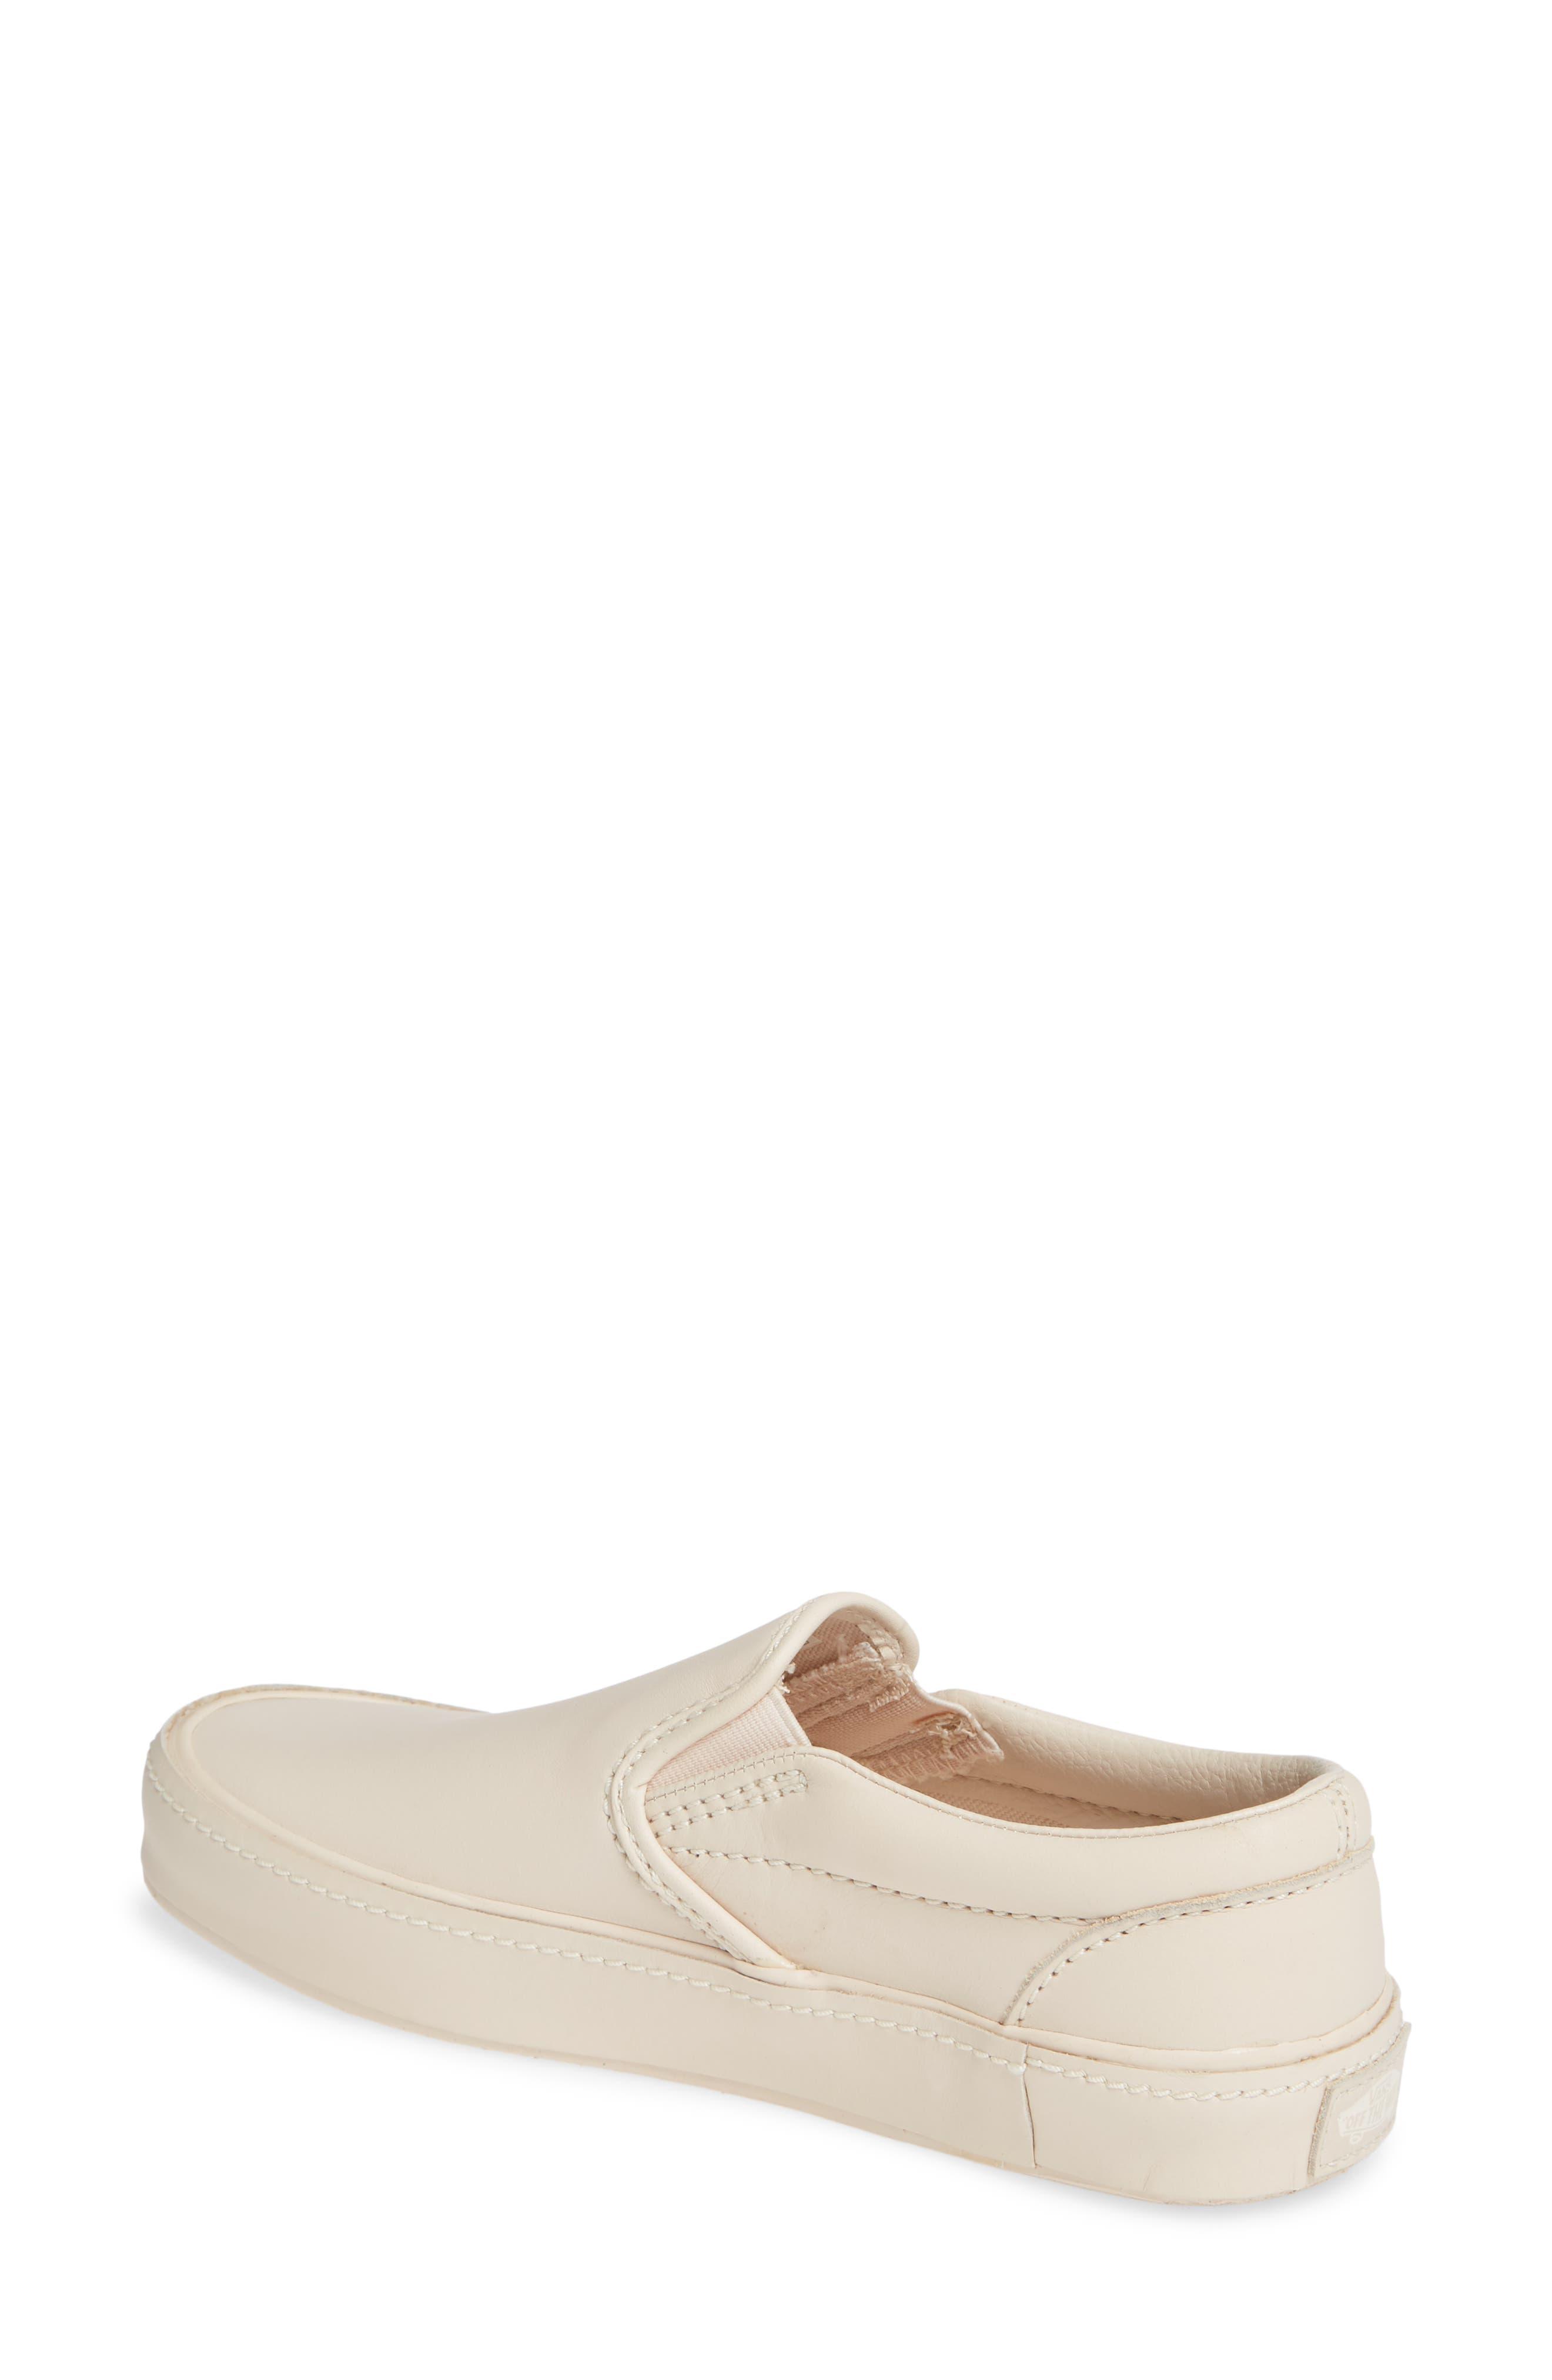 VANS,                             Classic Leather Slip-On Sneaker,                             Alternate thumbnail 2, color,                             270